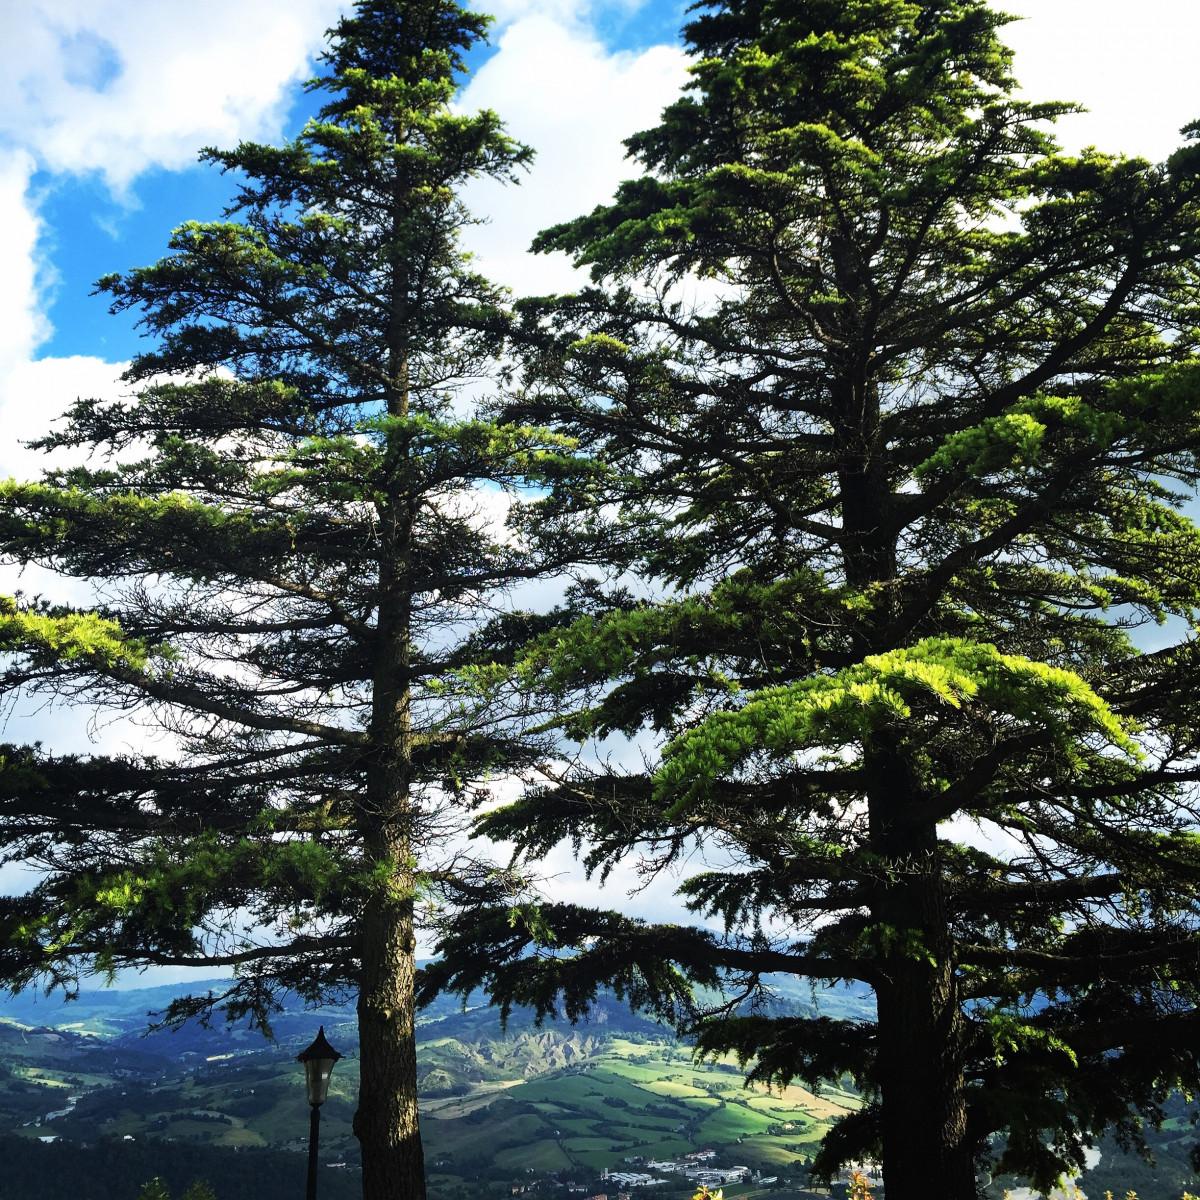 images gratuites paysage arbre la nature branche plante pin printemps vert italie. Black Bedroom Furniture Sets. Home Design Ideas